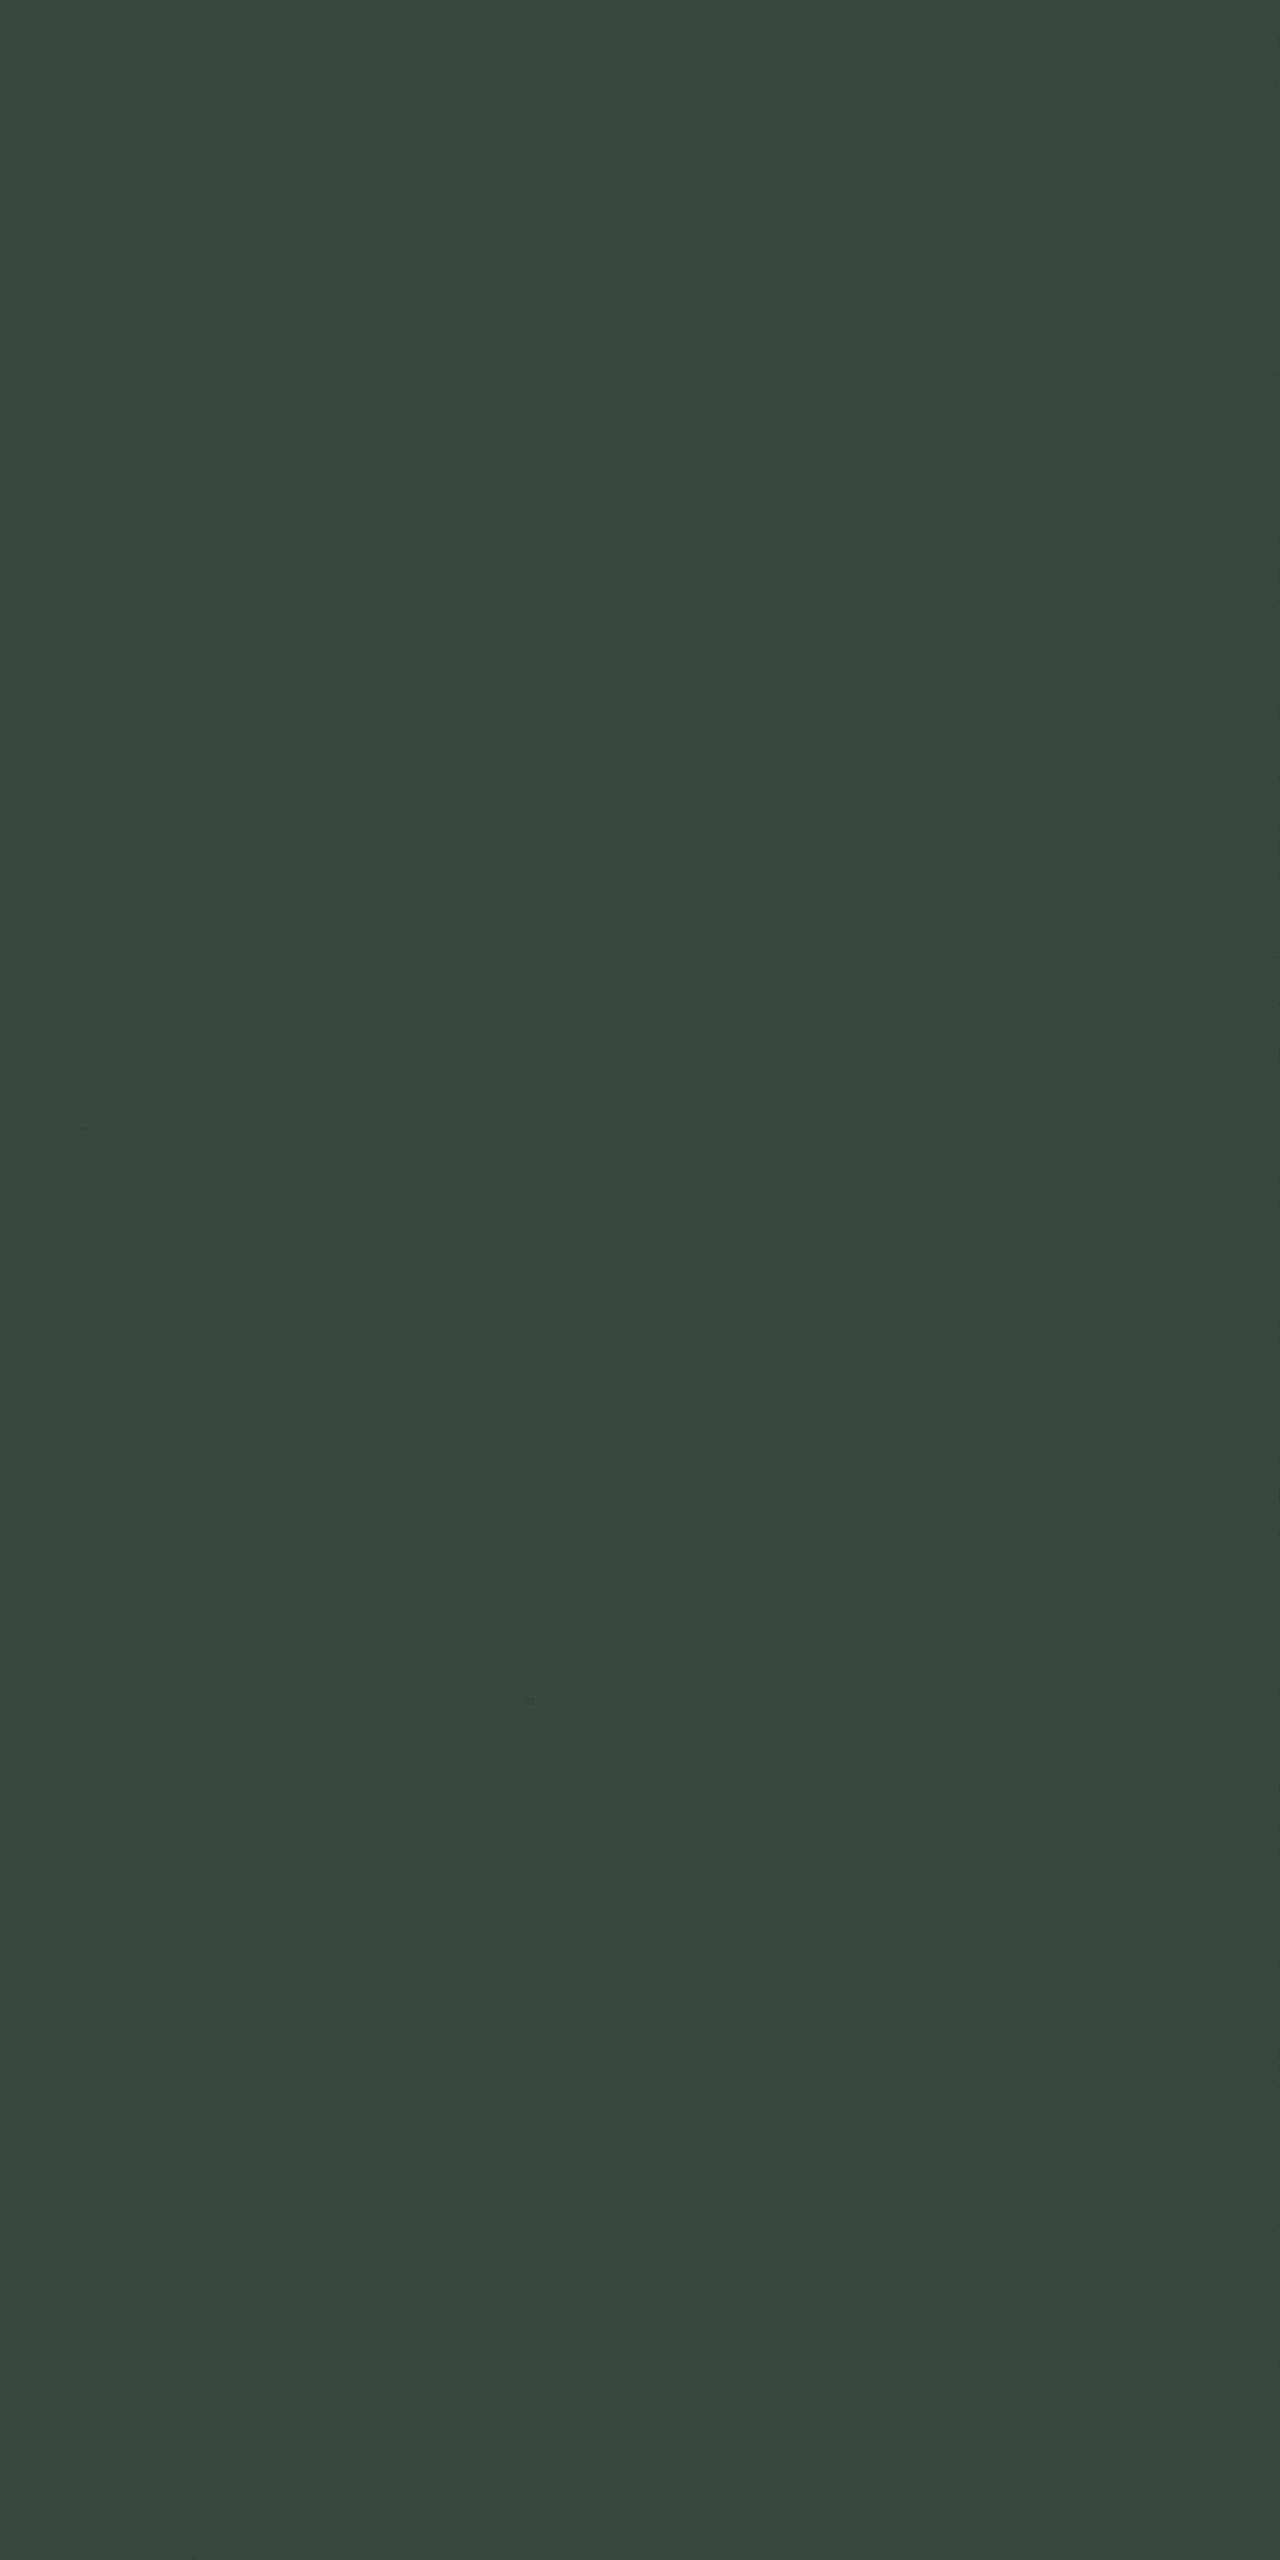 Crayons of Cerim Moss Matte 6mm 120 x 240